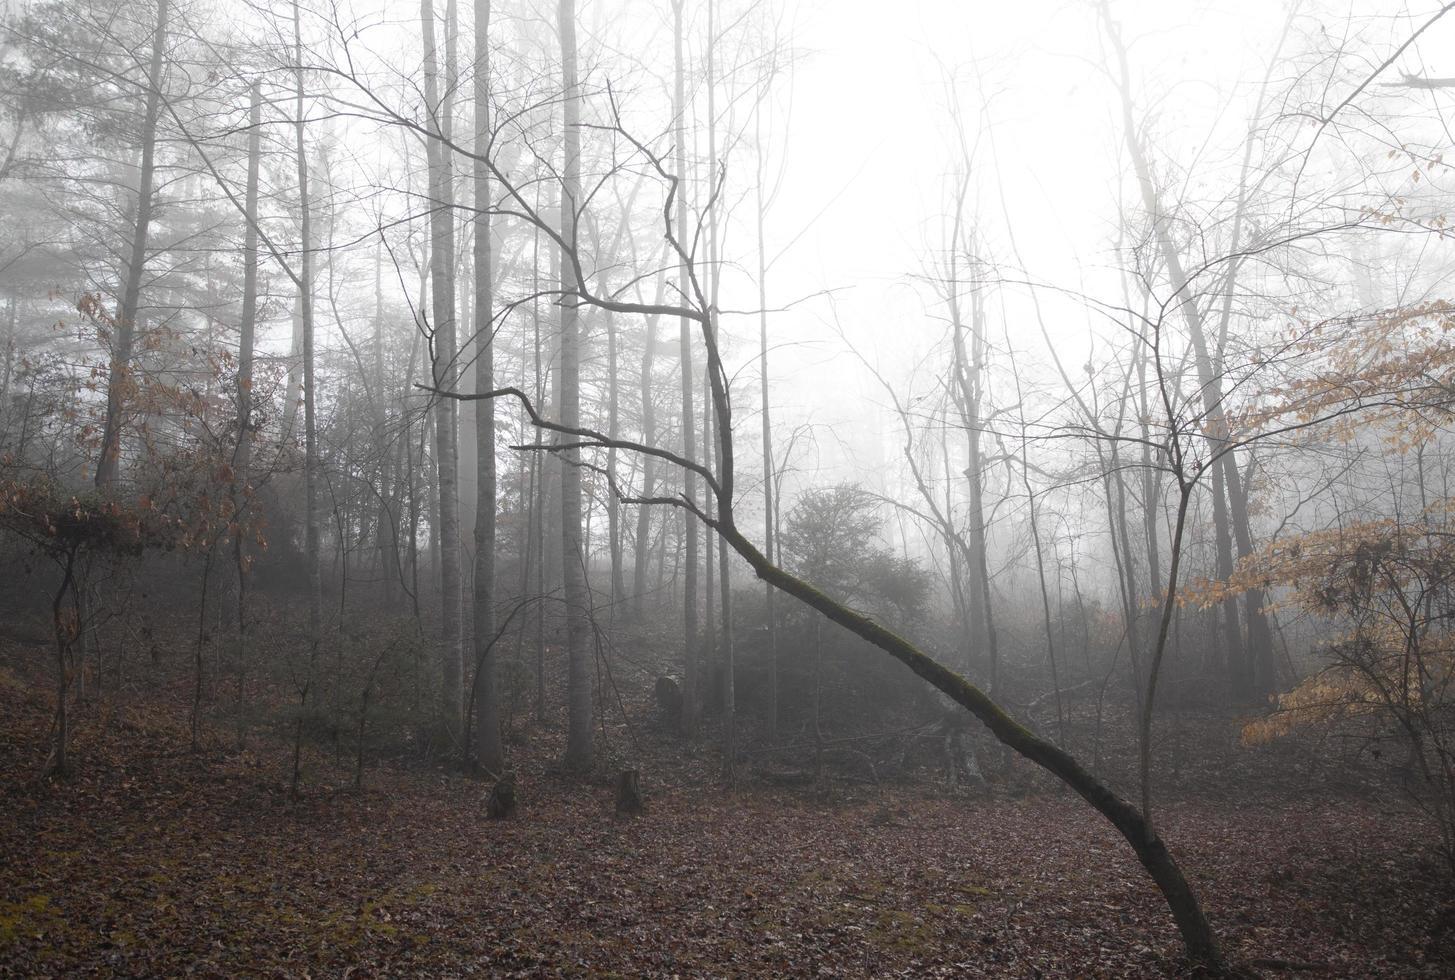 Dégagement forestier rural sur un matin d'hiver brumeux photo